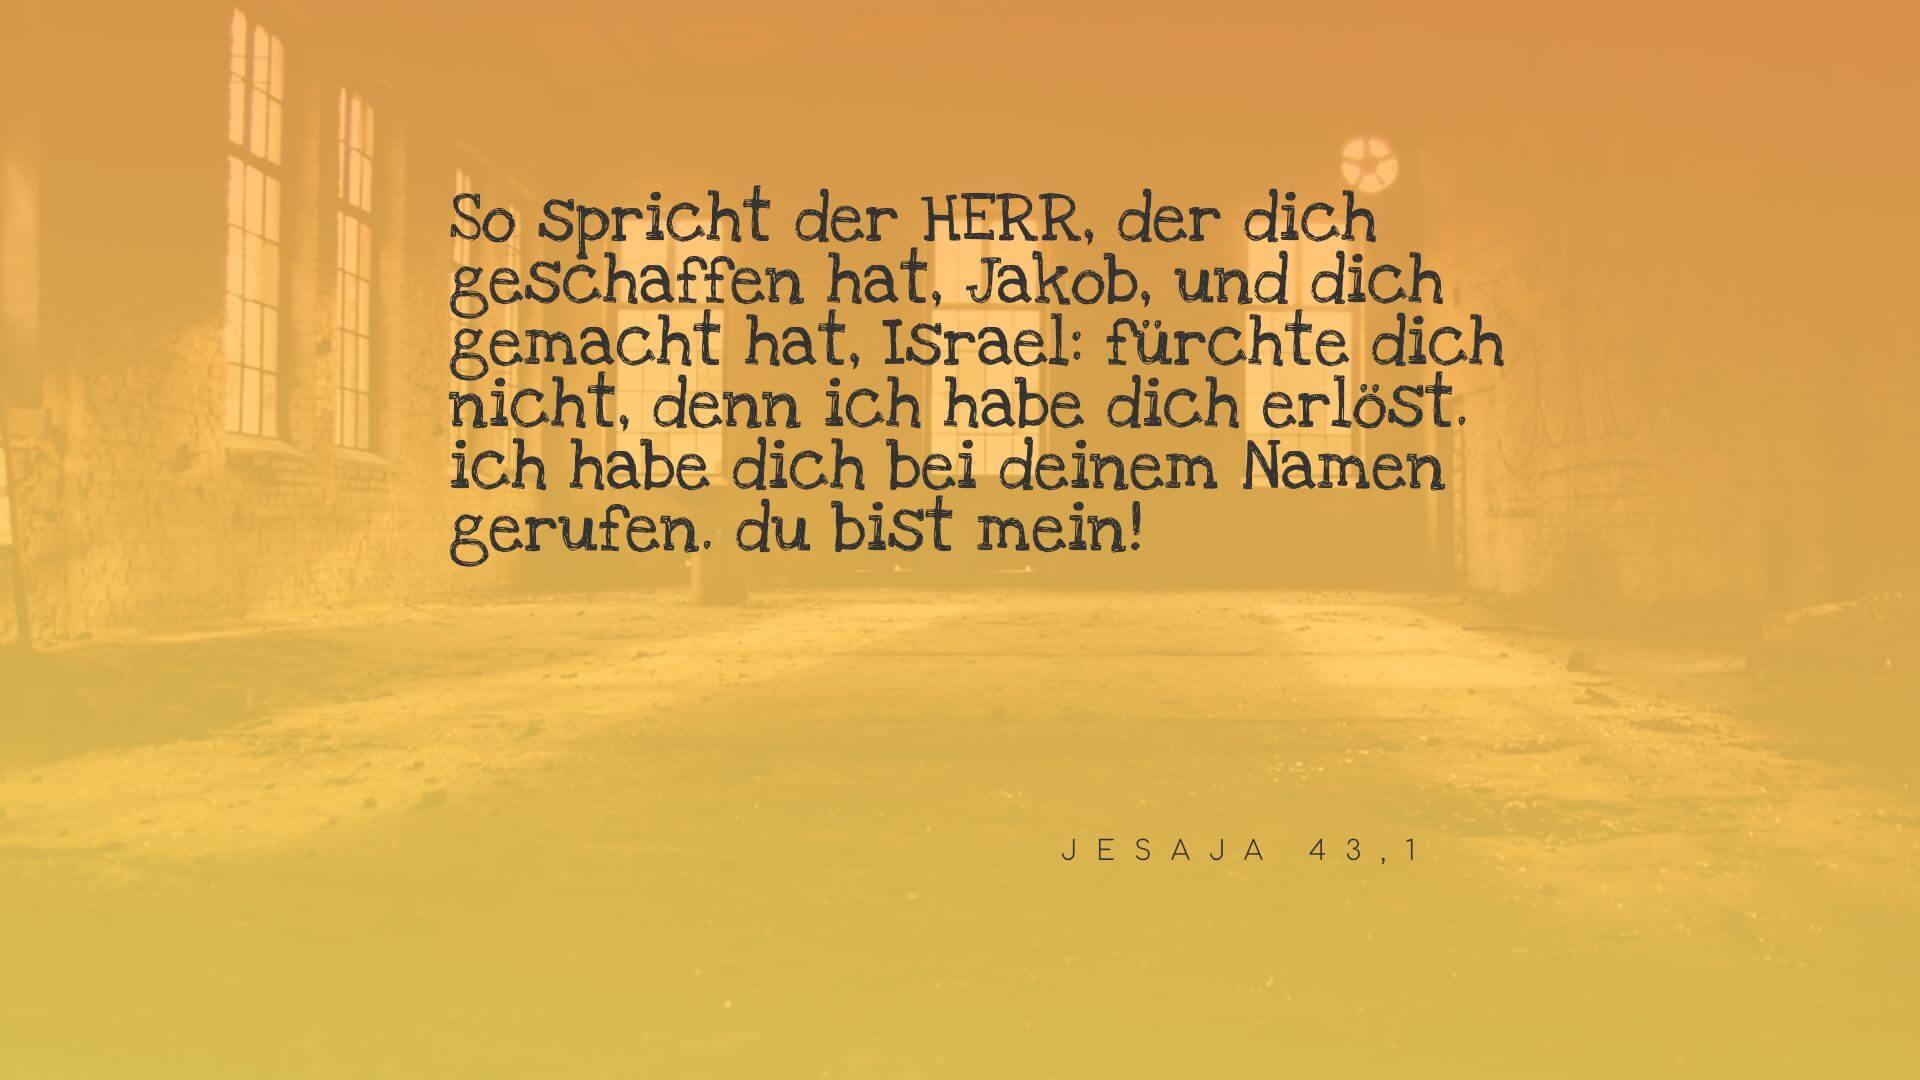 So spricht der HERR, der dich geschaffen hat, Jakob, und dich gemacht hat, Israel: fürchte dich nicht, denn ich habe dich erlöst. ich habe dich bei deinem Namen gerufen. du bist mein! - Jesaja 43,1